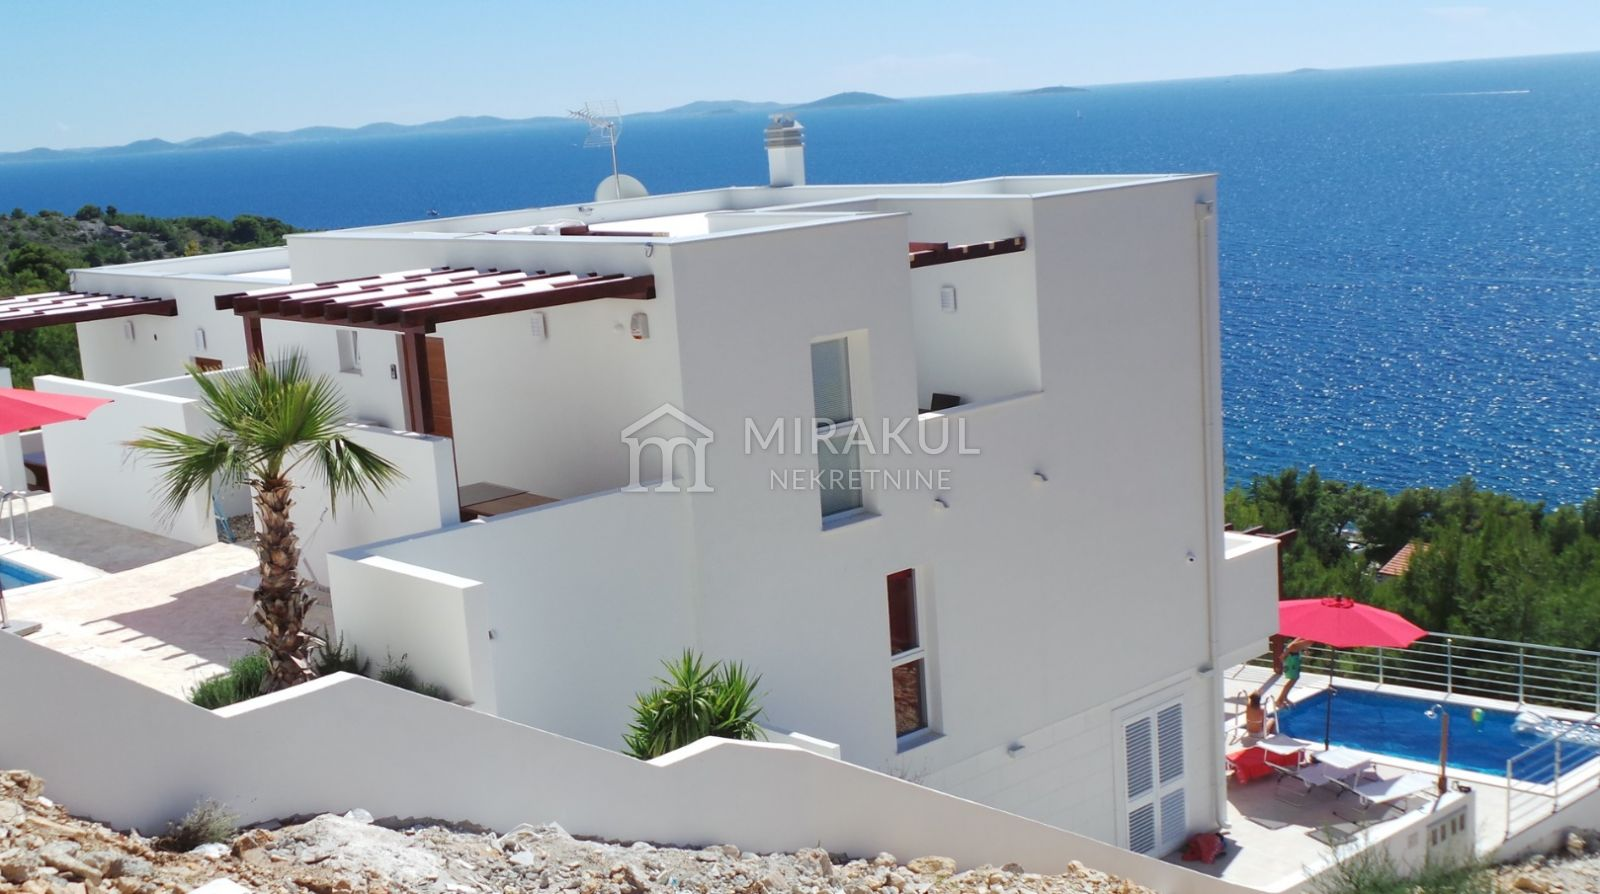 Nekretnine otok Murter, stan, Mirakul nekretnine, ID - AM-655, Luksuzni stan sa pogledom na Kornate 1